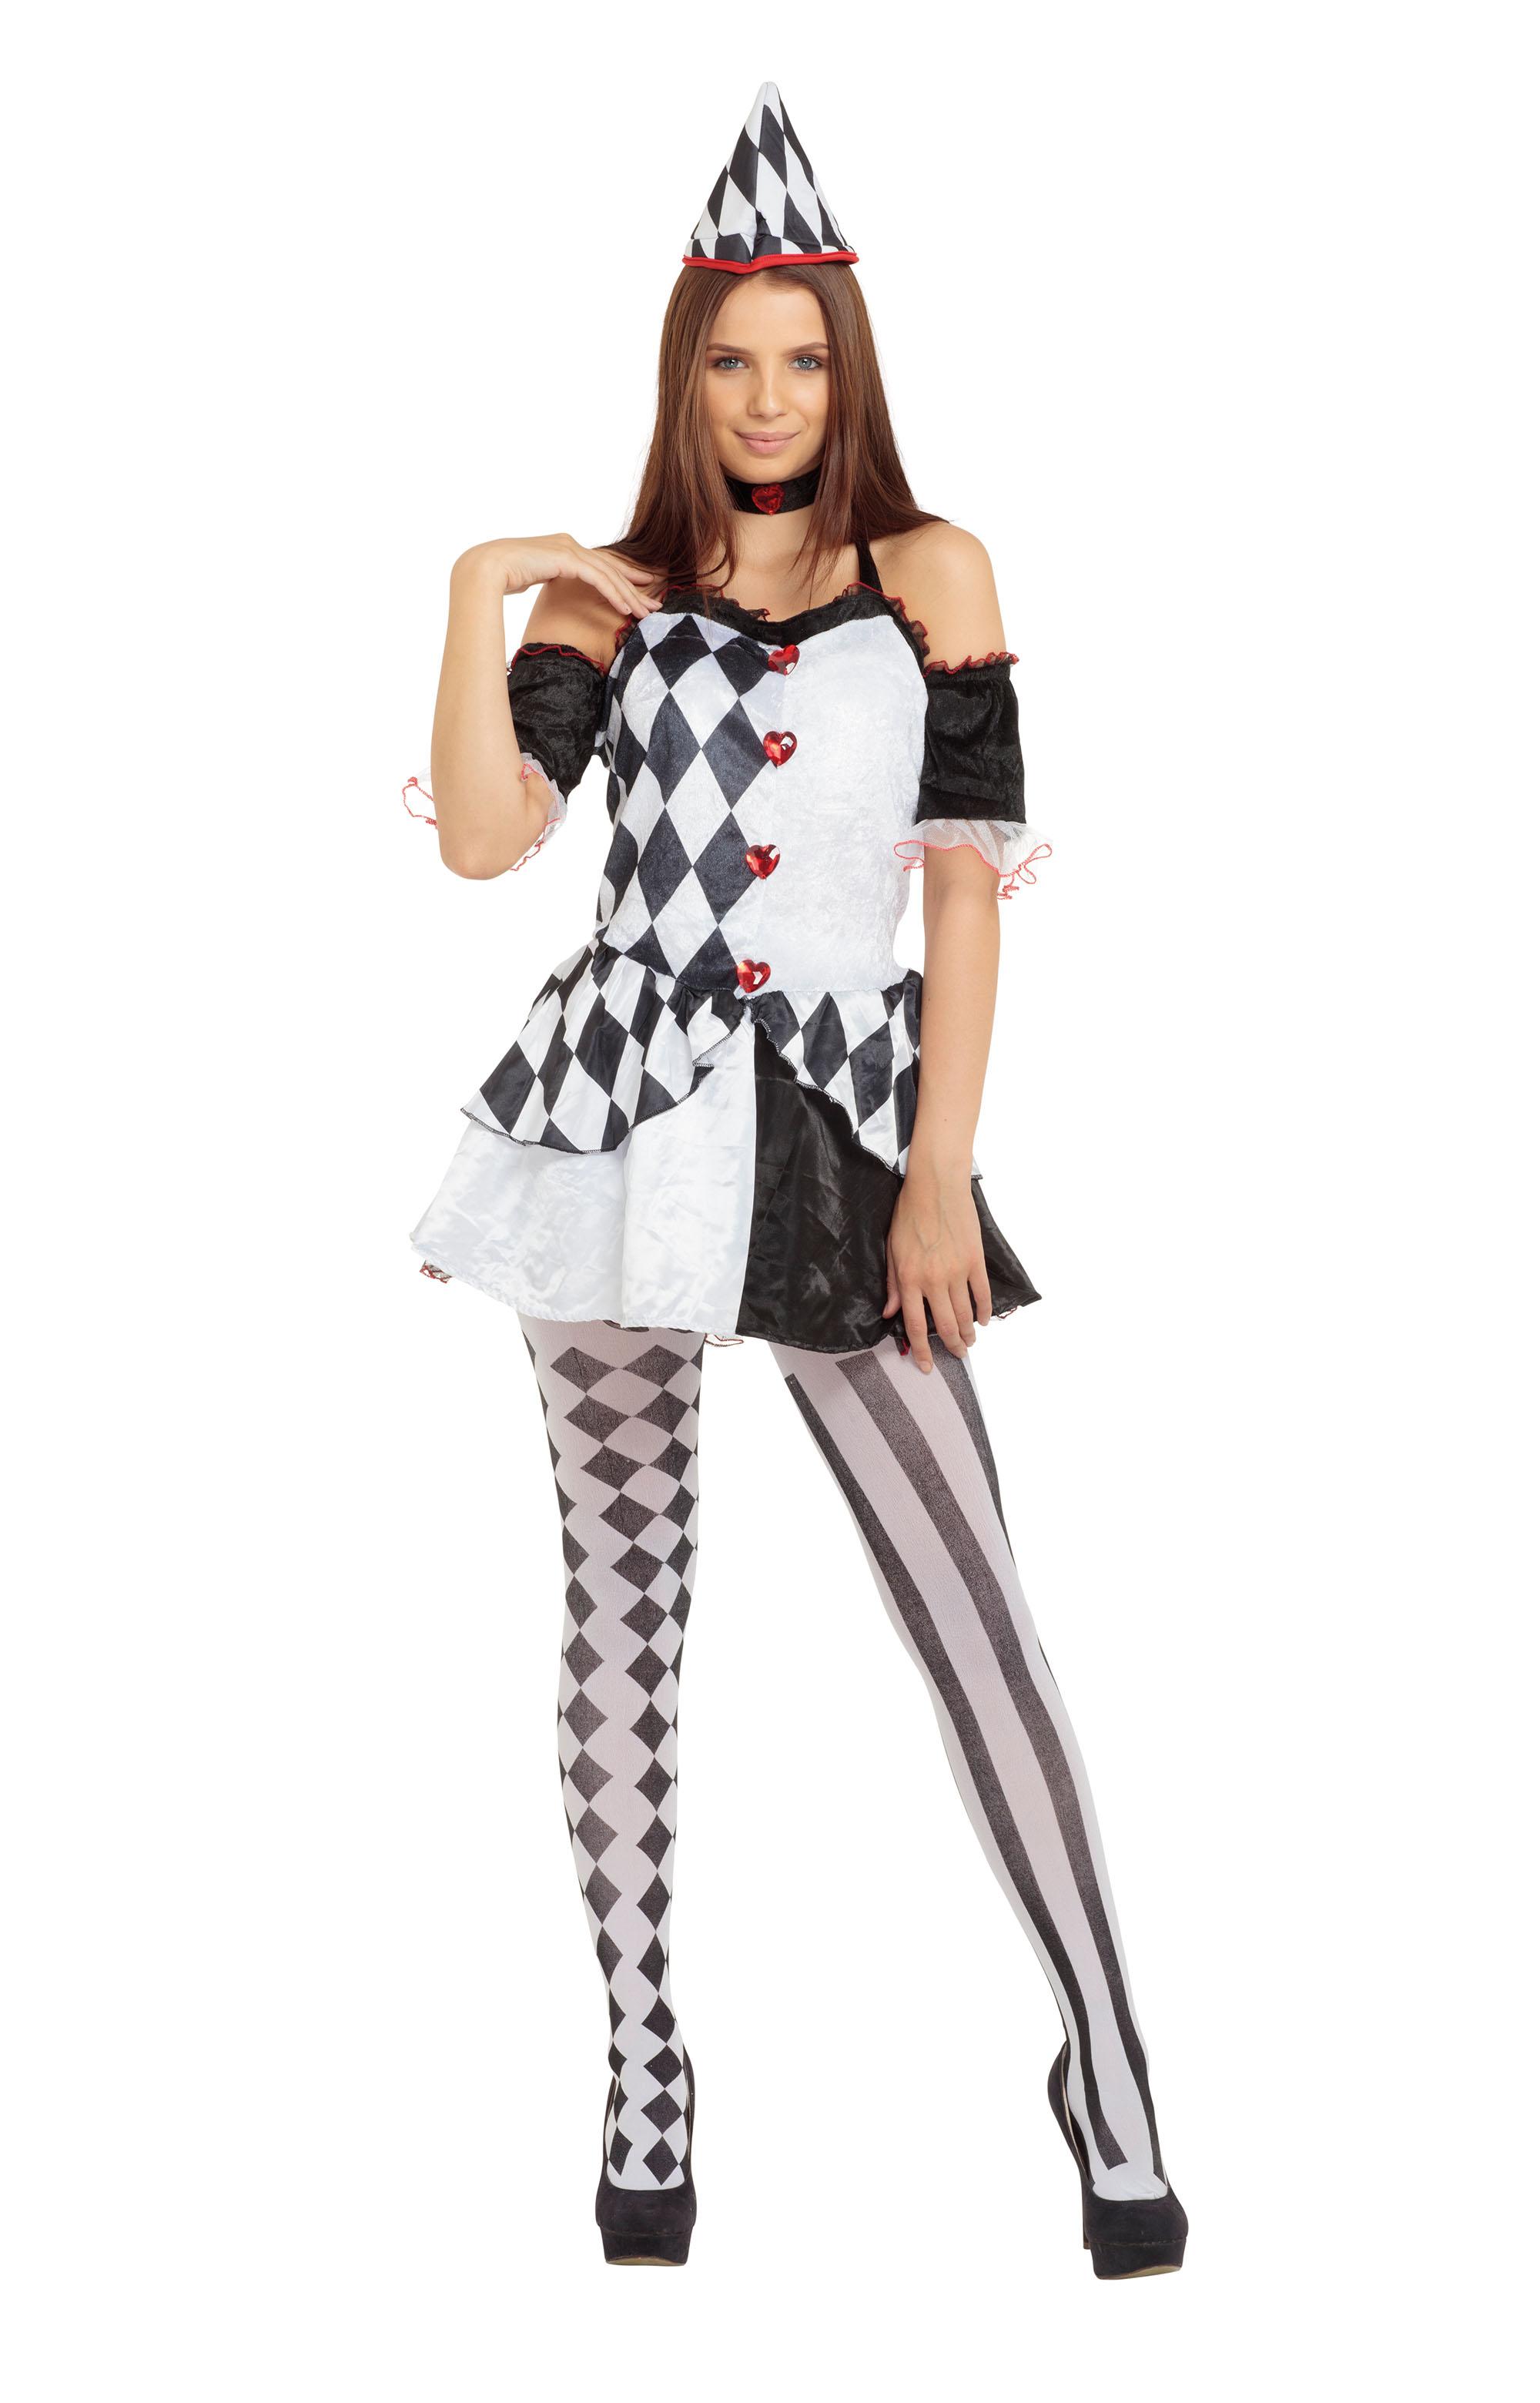 Adult Female Harlequin Costume